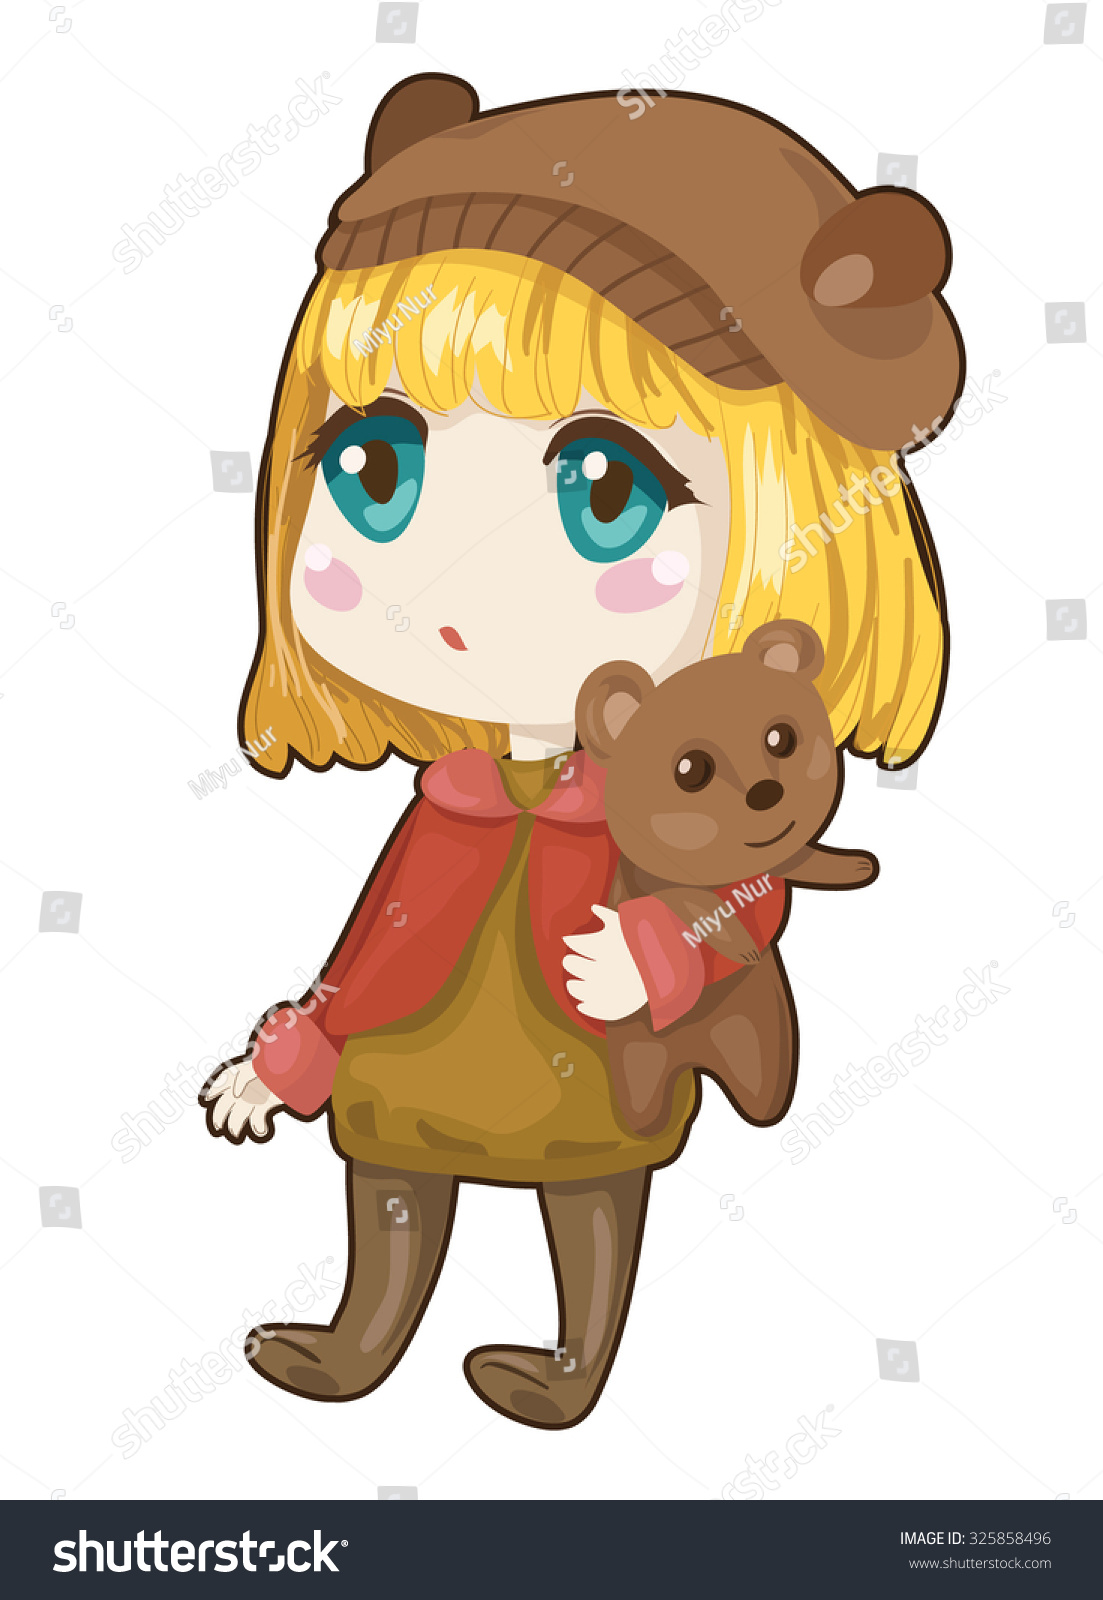 Teddy Bear Anime Girl : teddy, anime, Little, Anime, Teddy, Stock, Vector, (Royalty, Free), 325858496